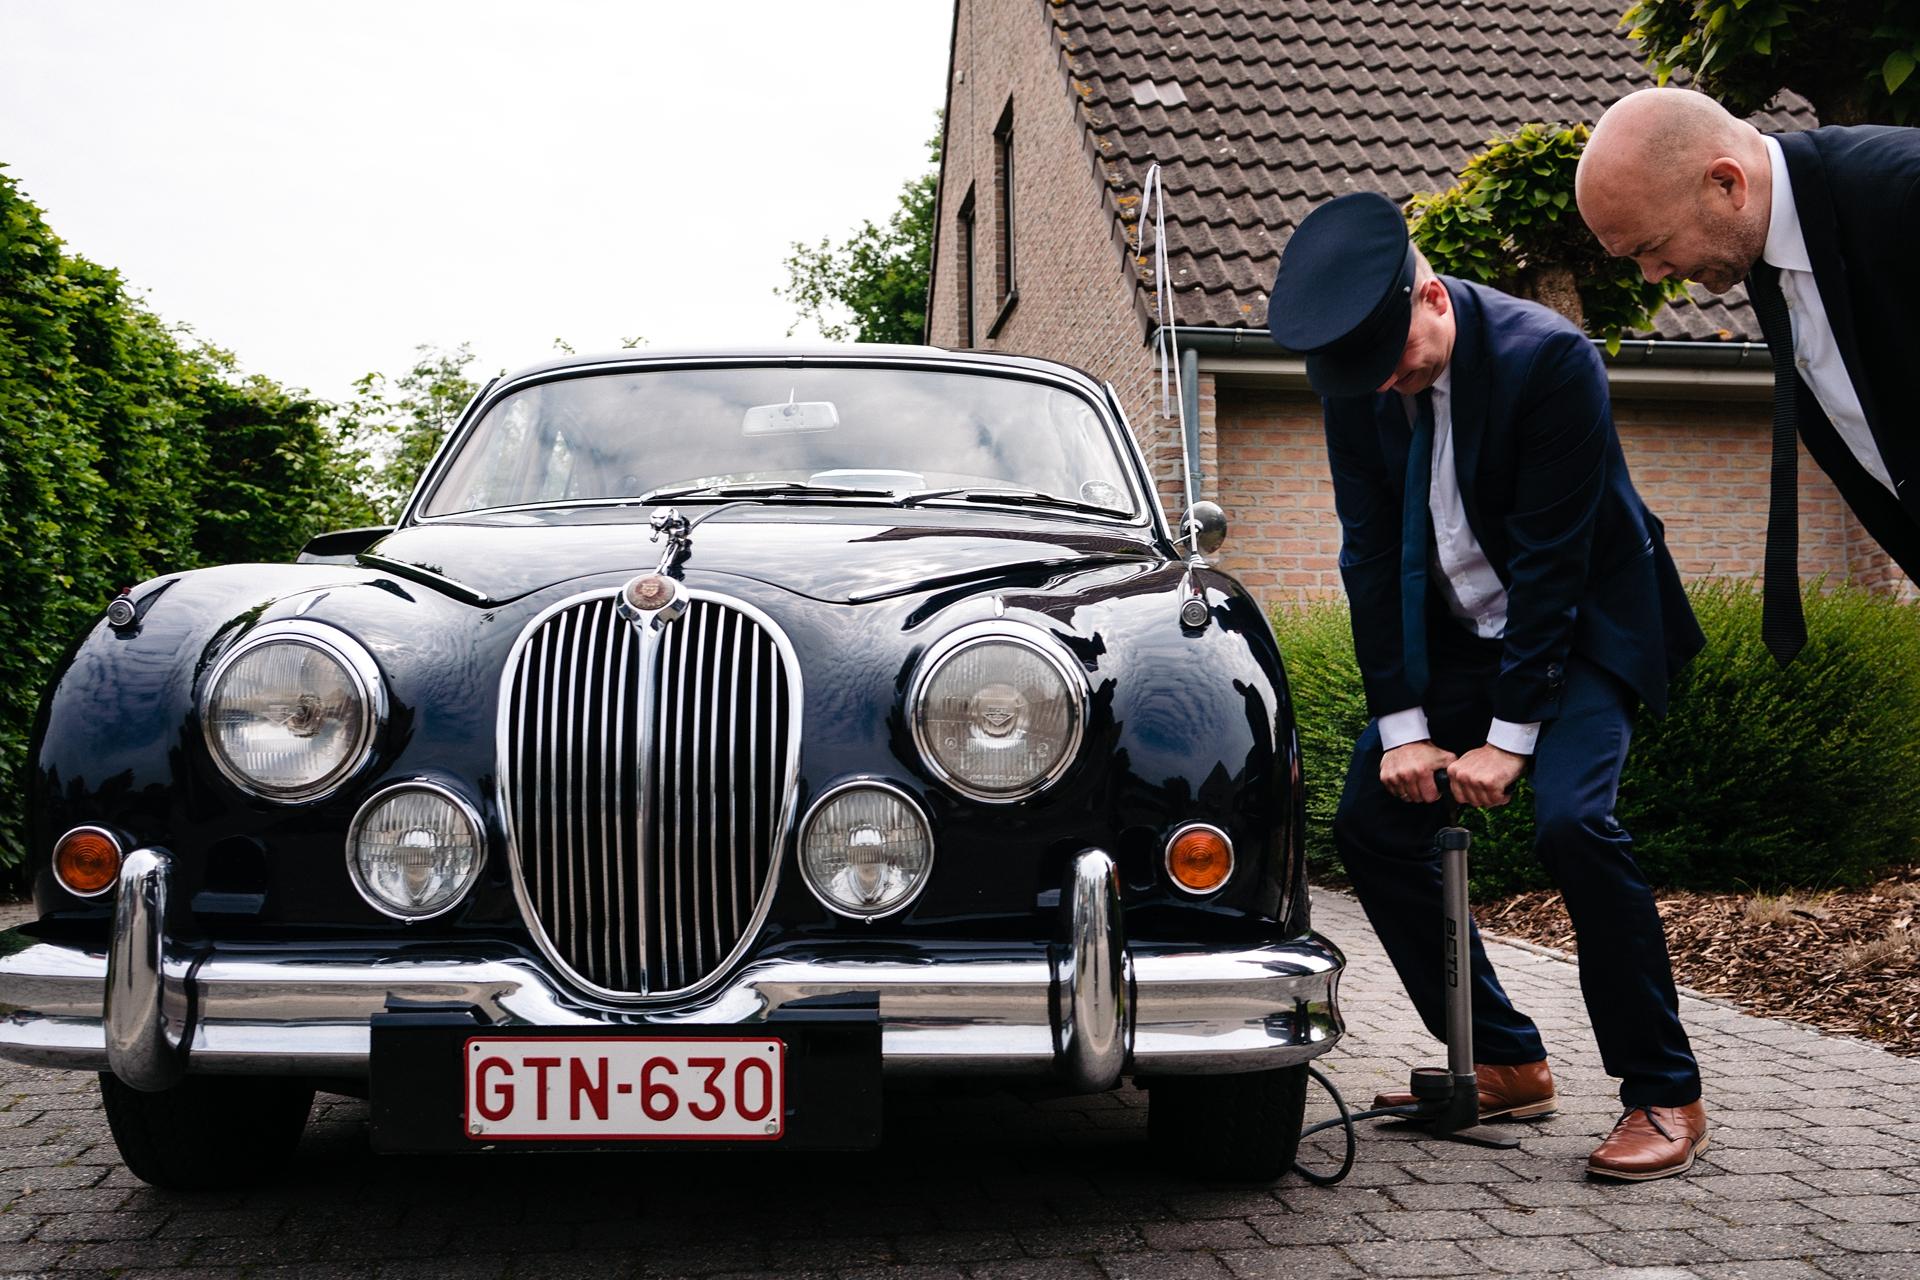 Der Hochzeitsfotograf hat dieses Bild des Fahrers des feierlichen Wagens aufgenommen, der einen platten Reifen hat, kurz bevor das Paar gehen muss - stressige Momente für Hochzeitsfotos